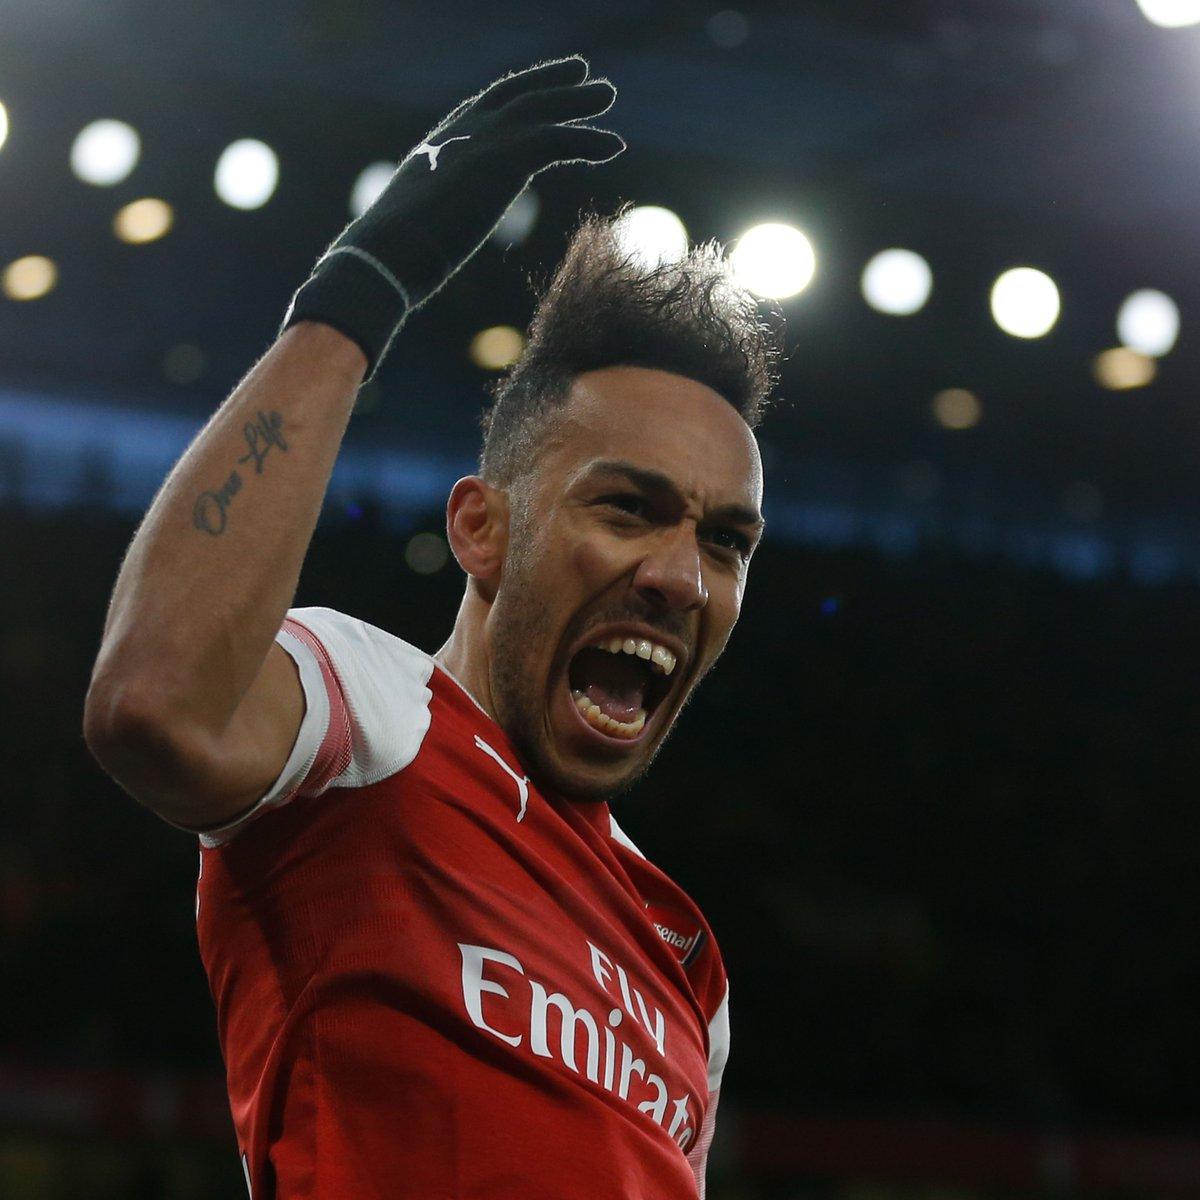 Arsenal vence United e se solidifica no G-4 da Premier League